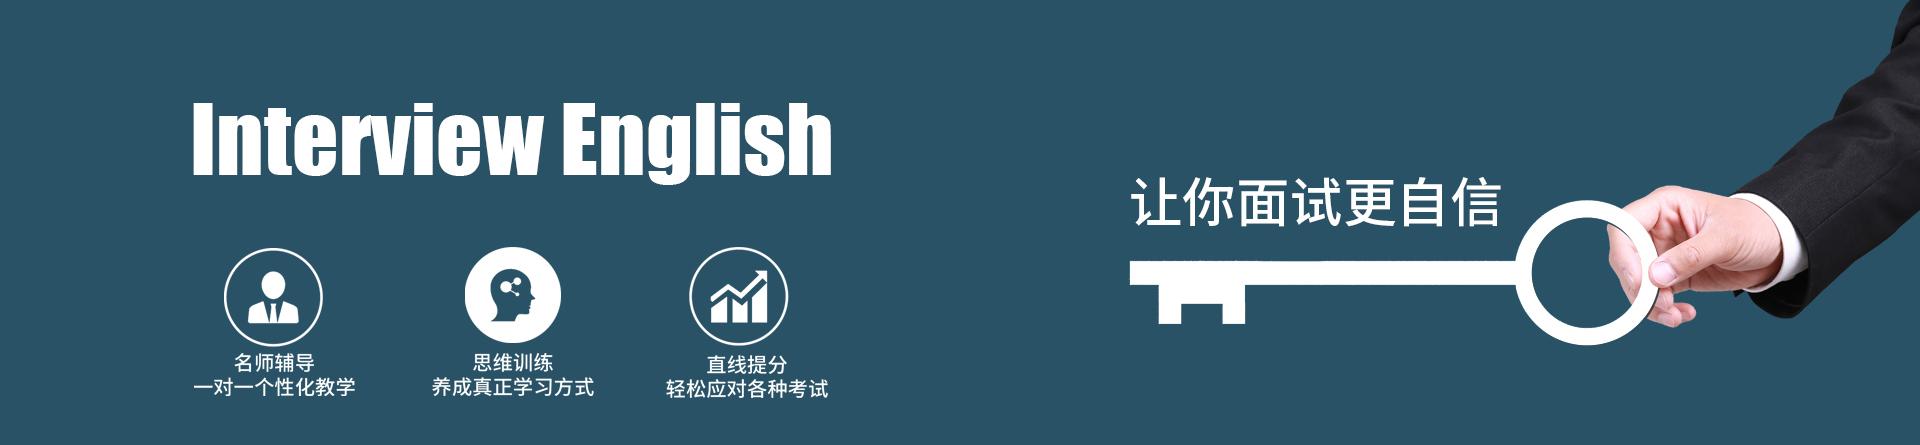 惠州惠城华贸美联英语培训